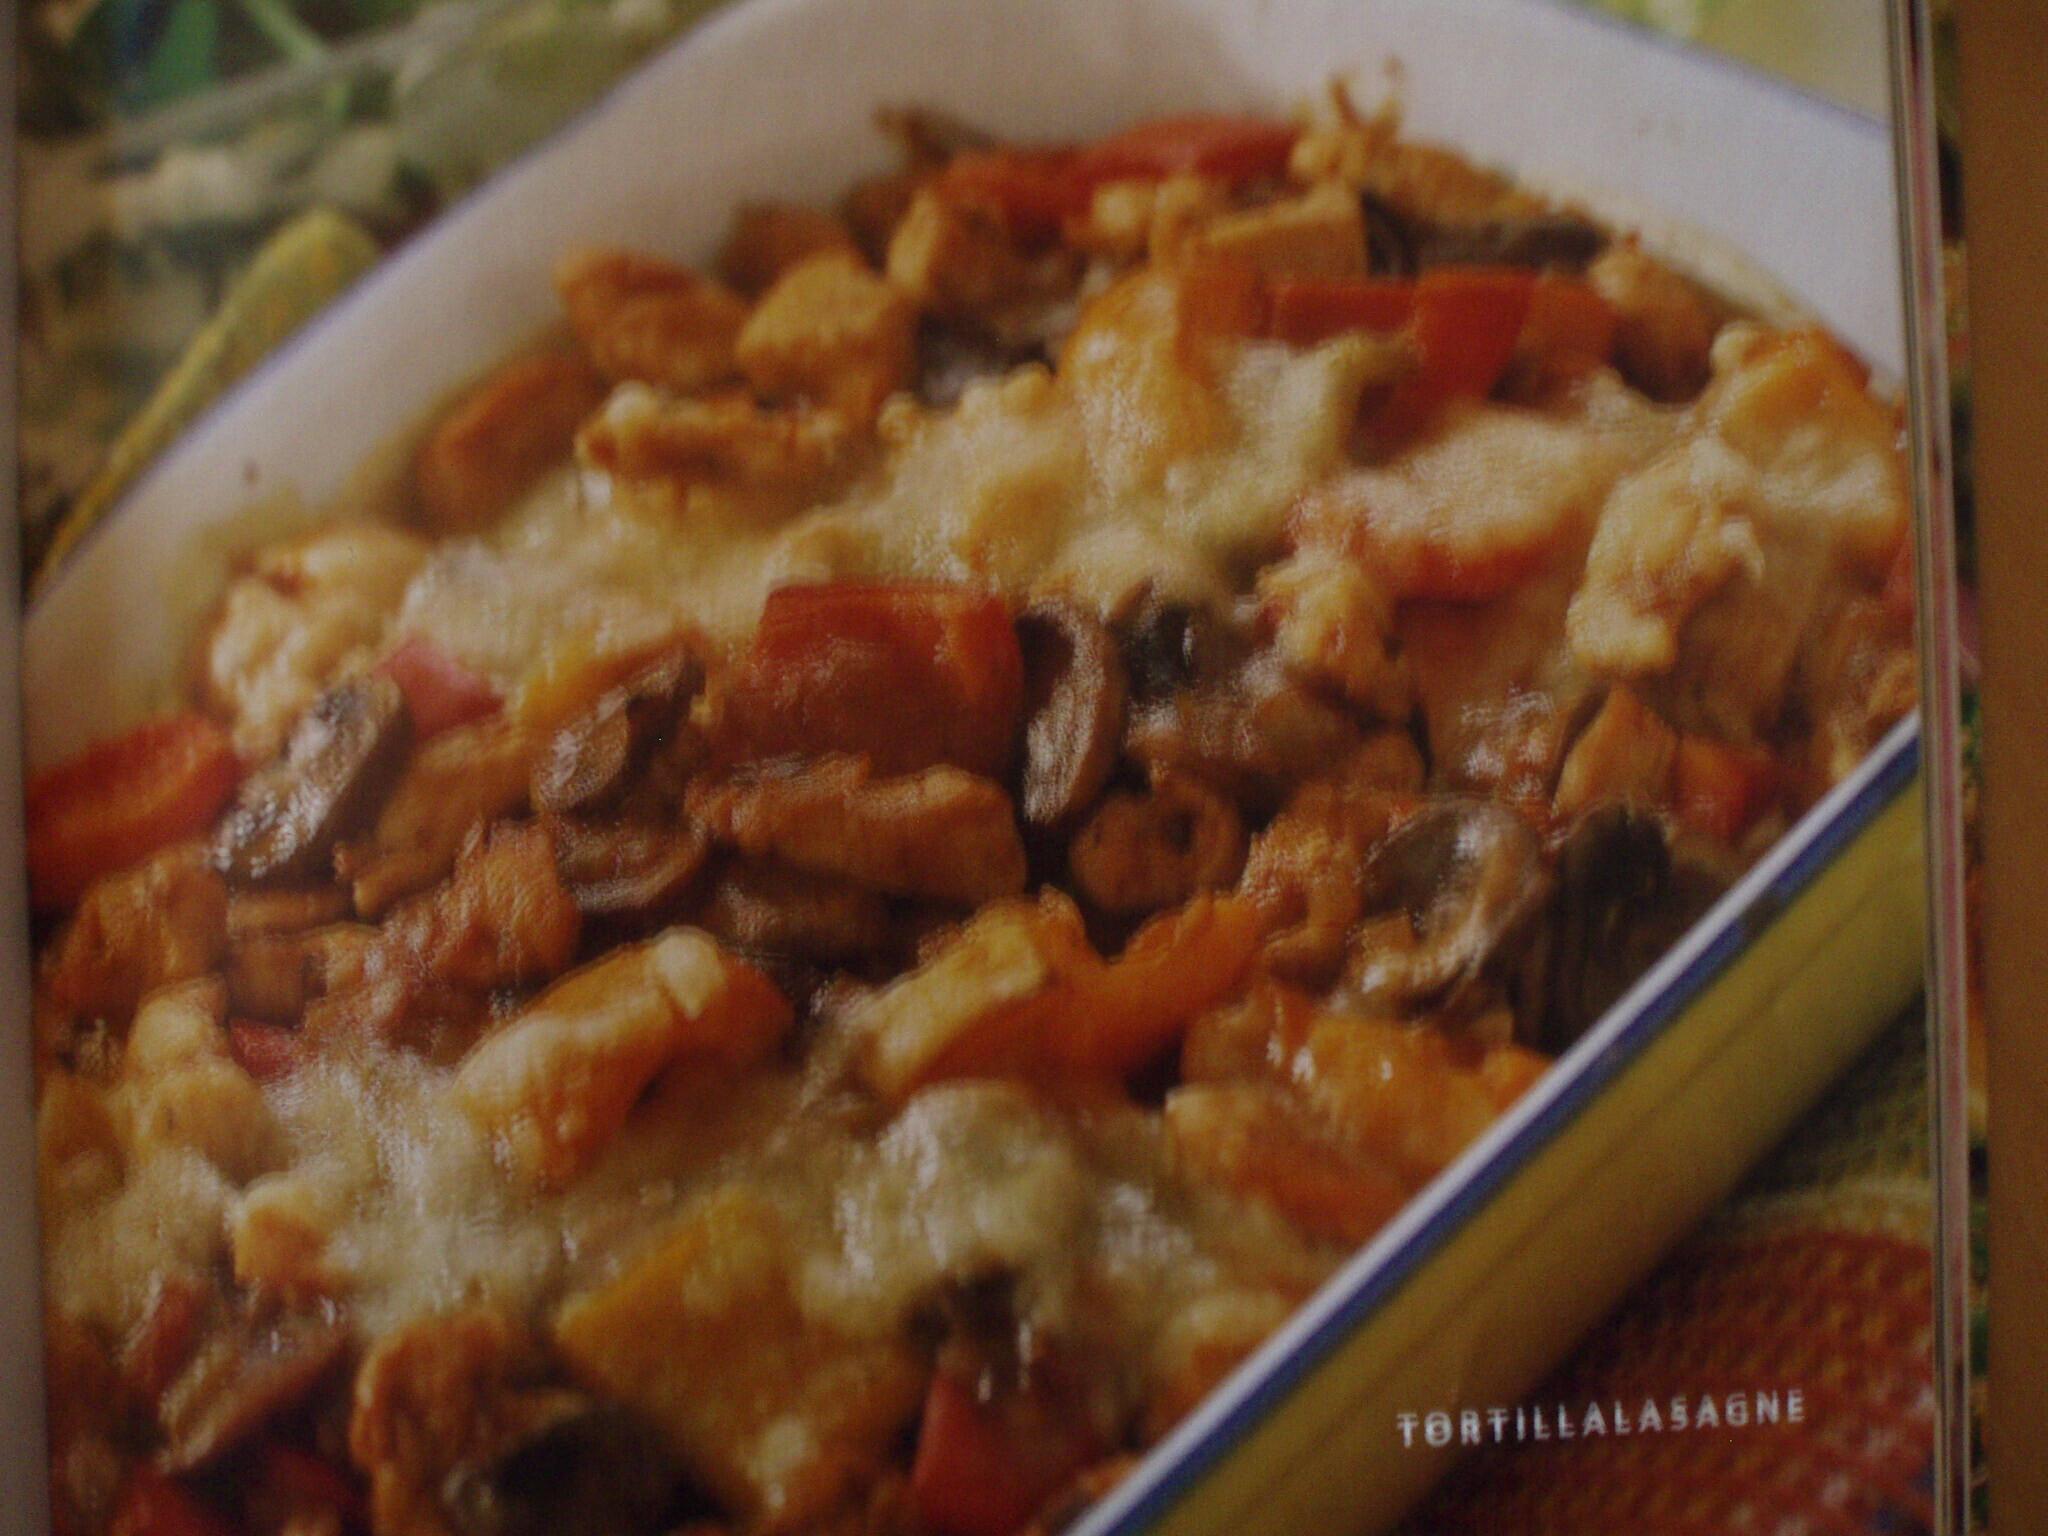 Tortillalasagne